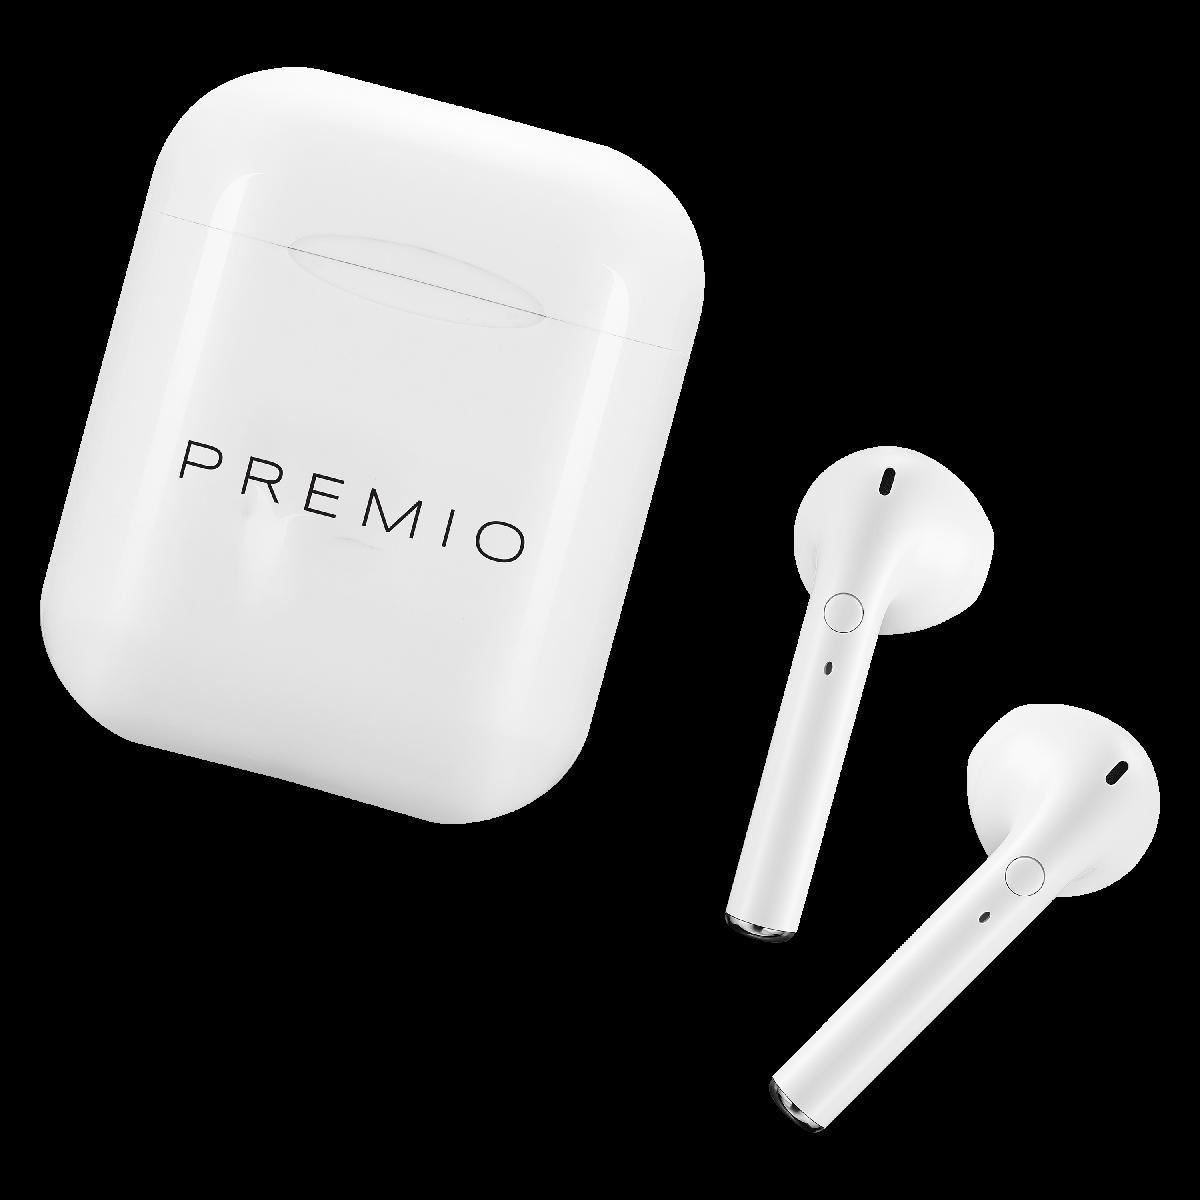 Premio V4 TWS earphone with case